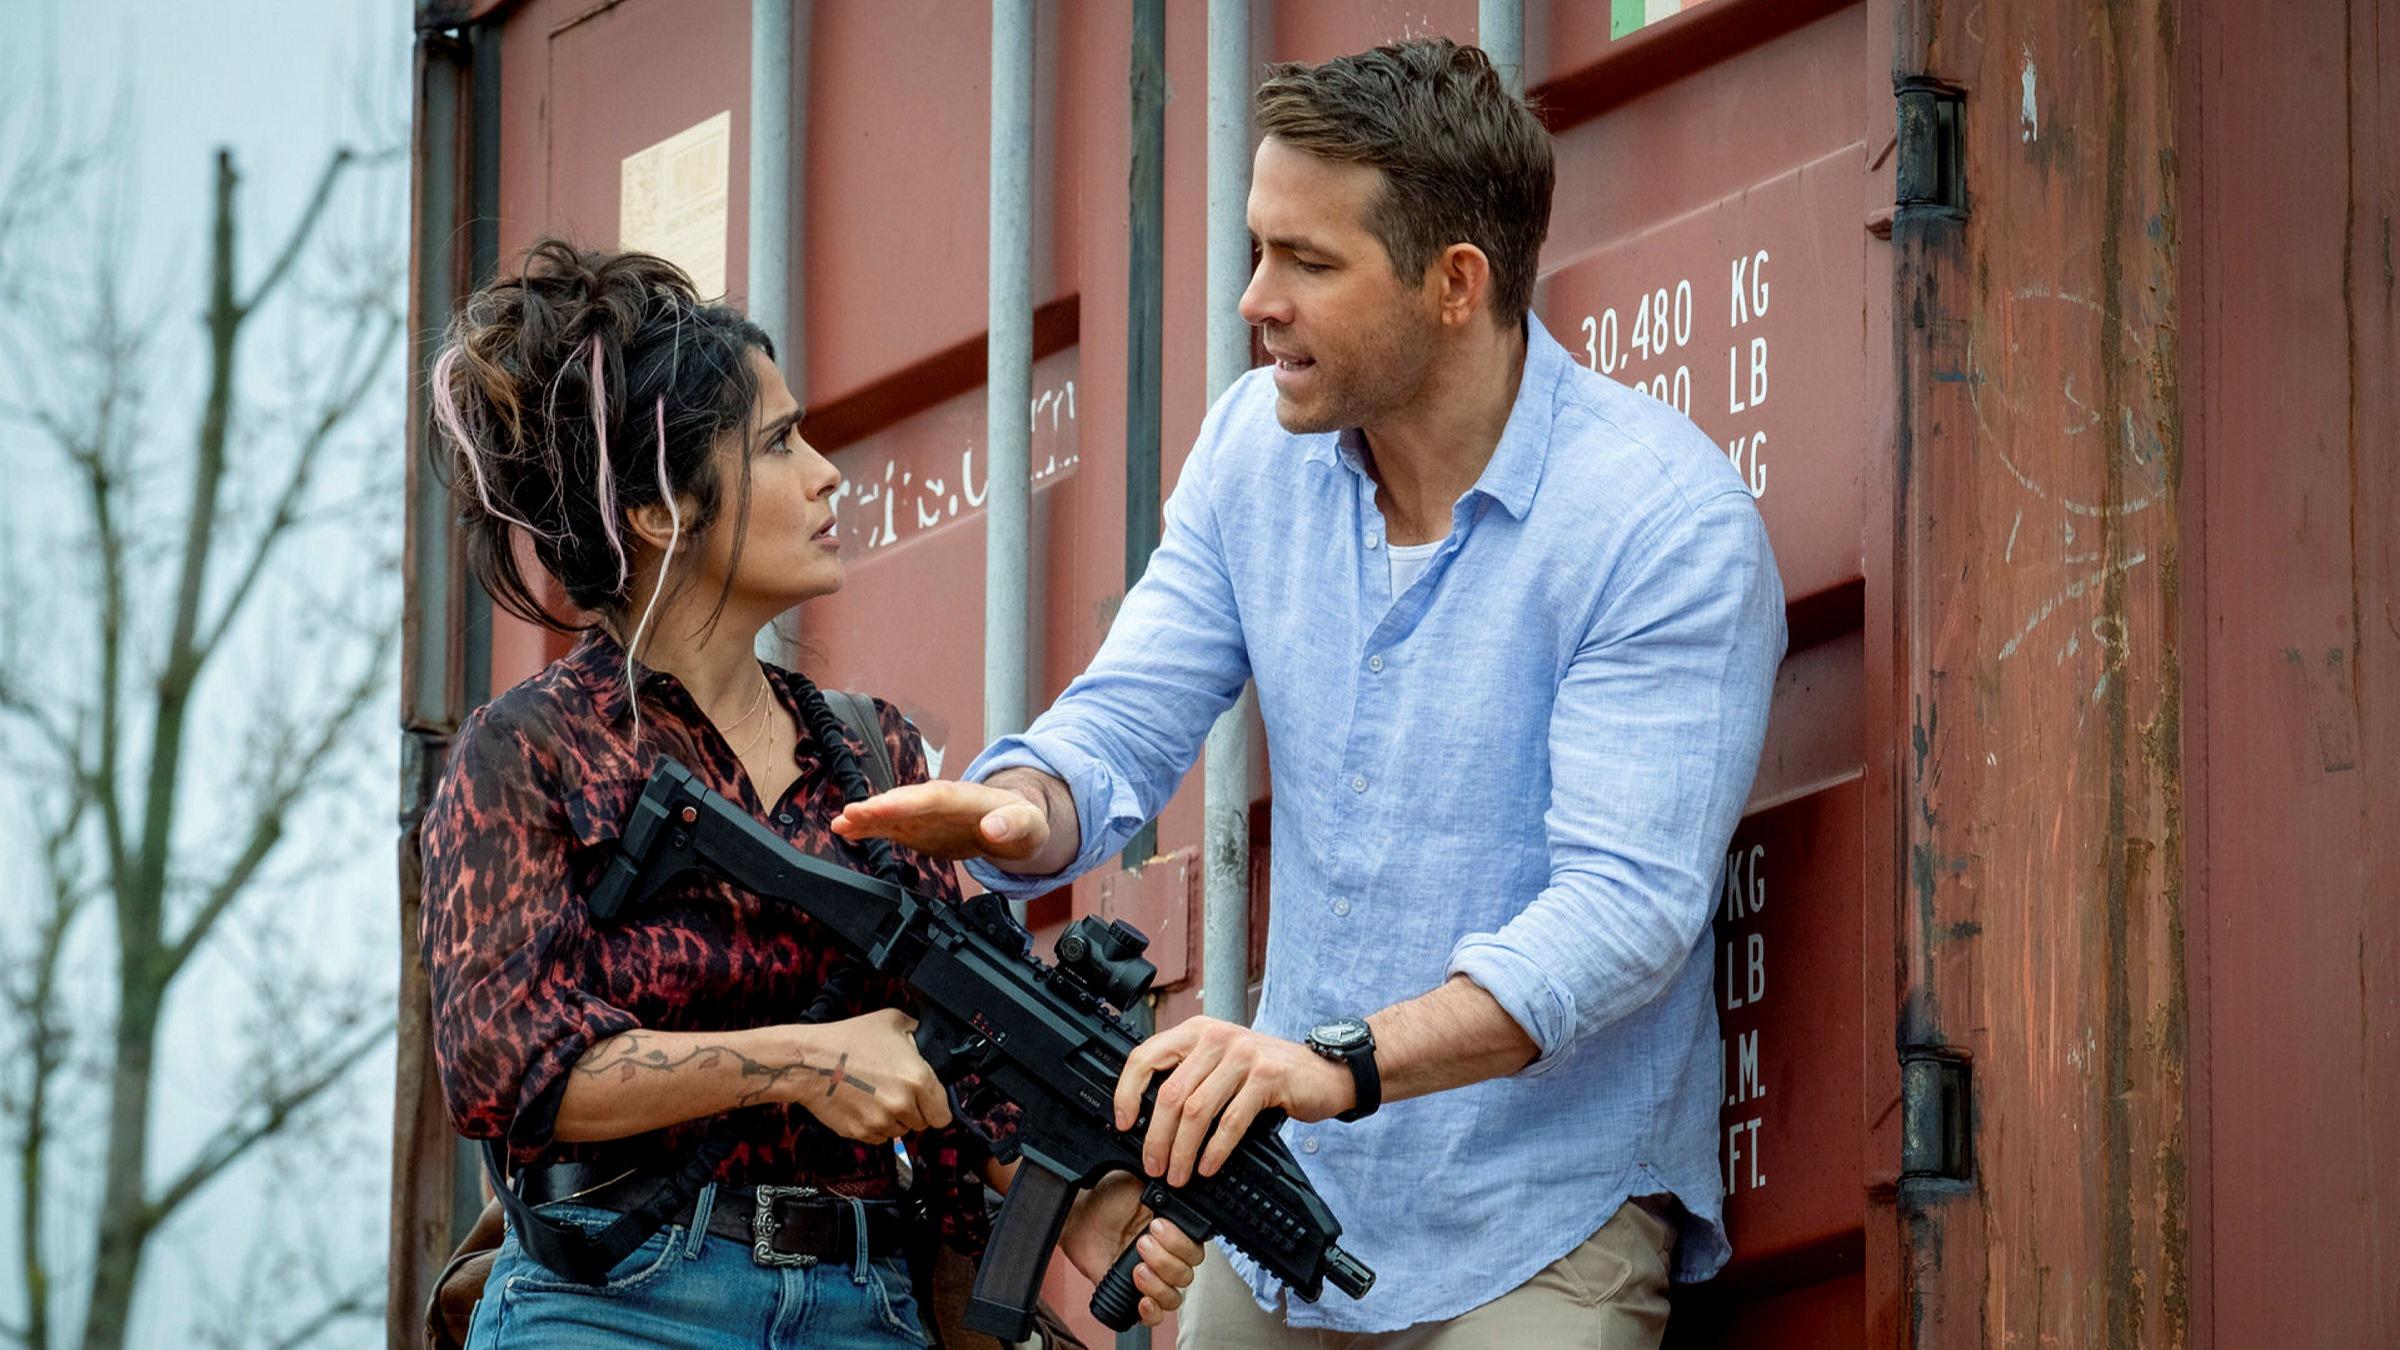 Ryan Reynods tentokrát ochraňuje Soniu Kincaidová